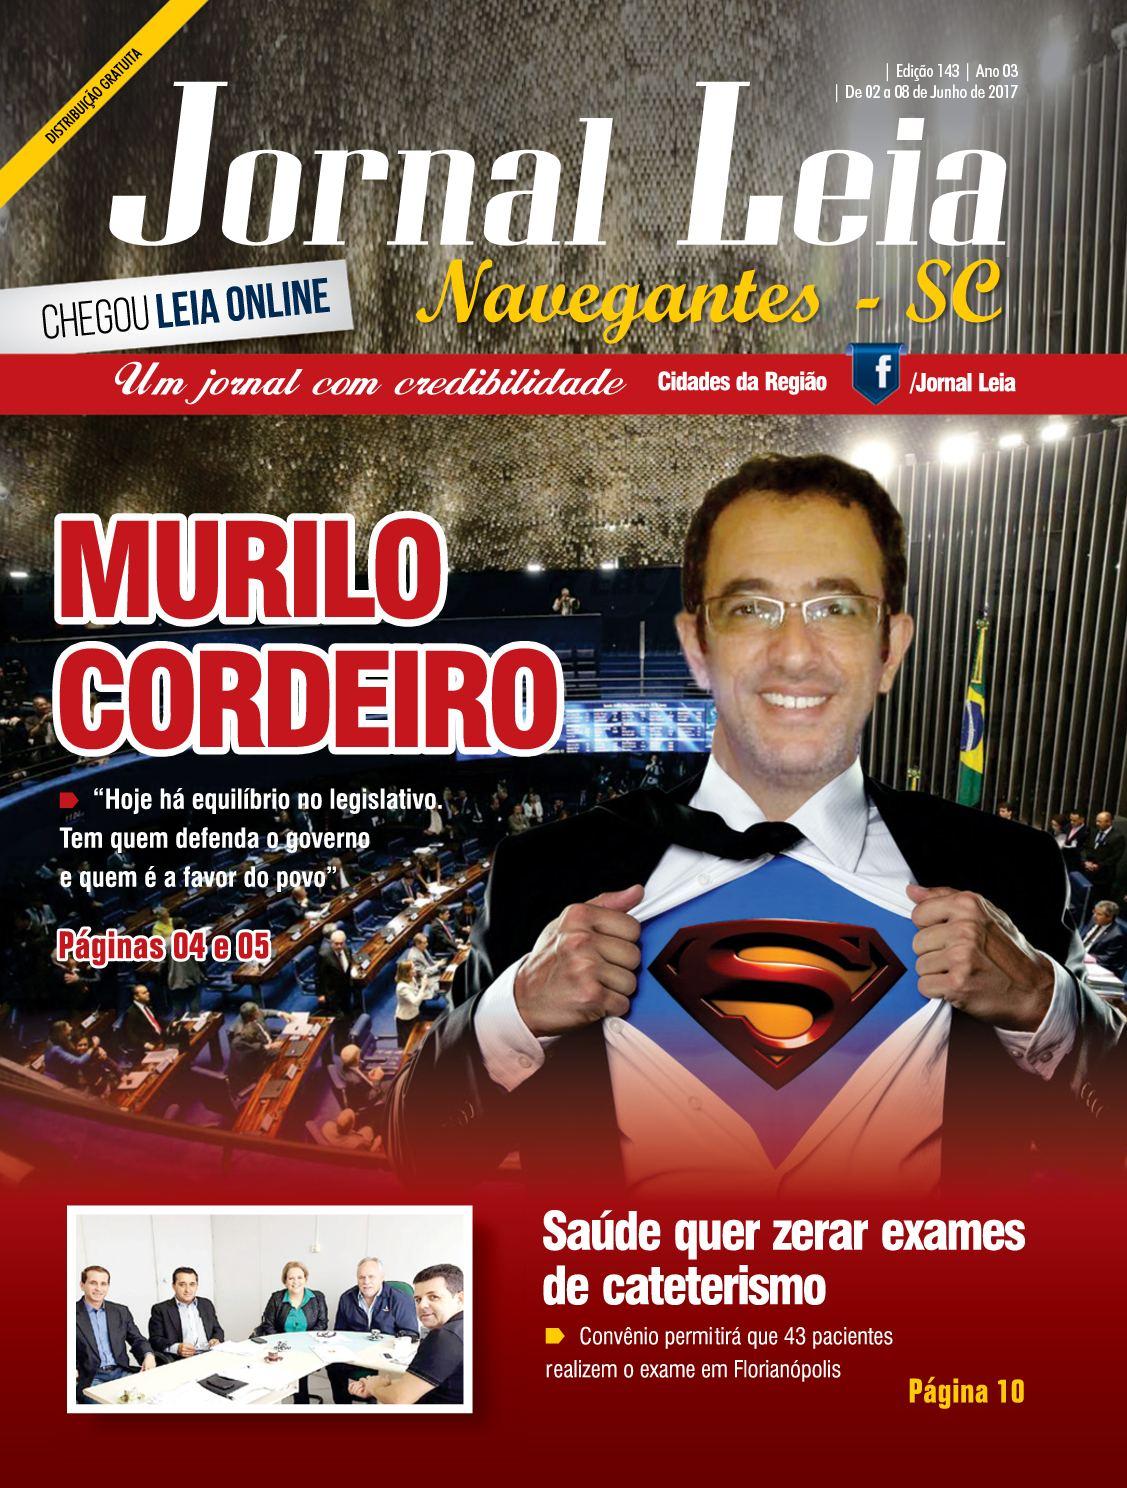 Jornal Leia - Edição Digital #143